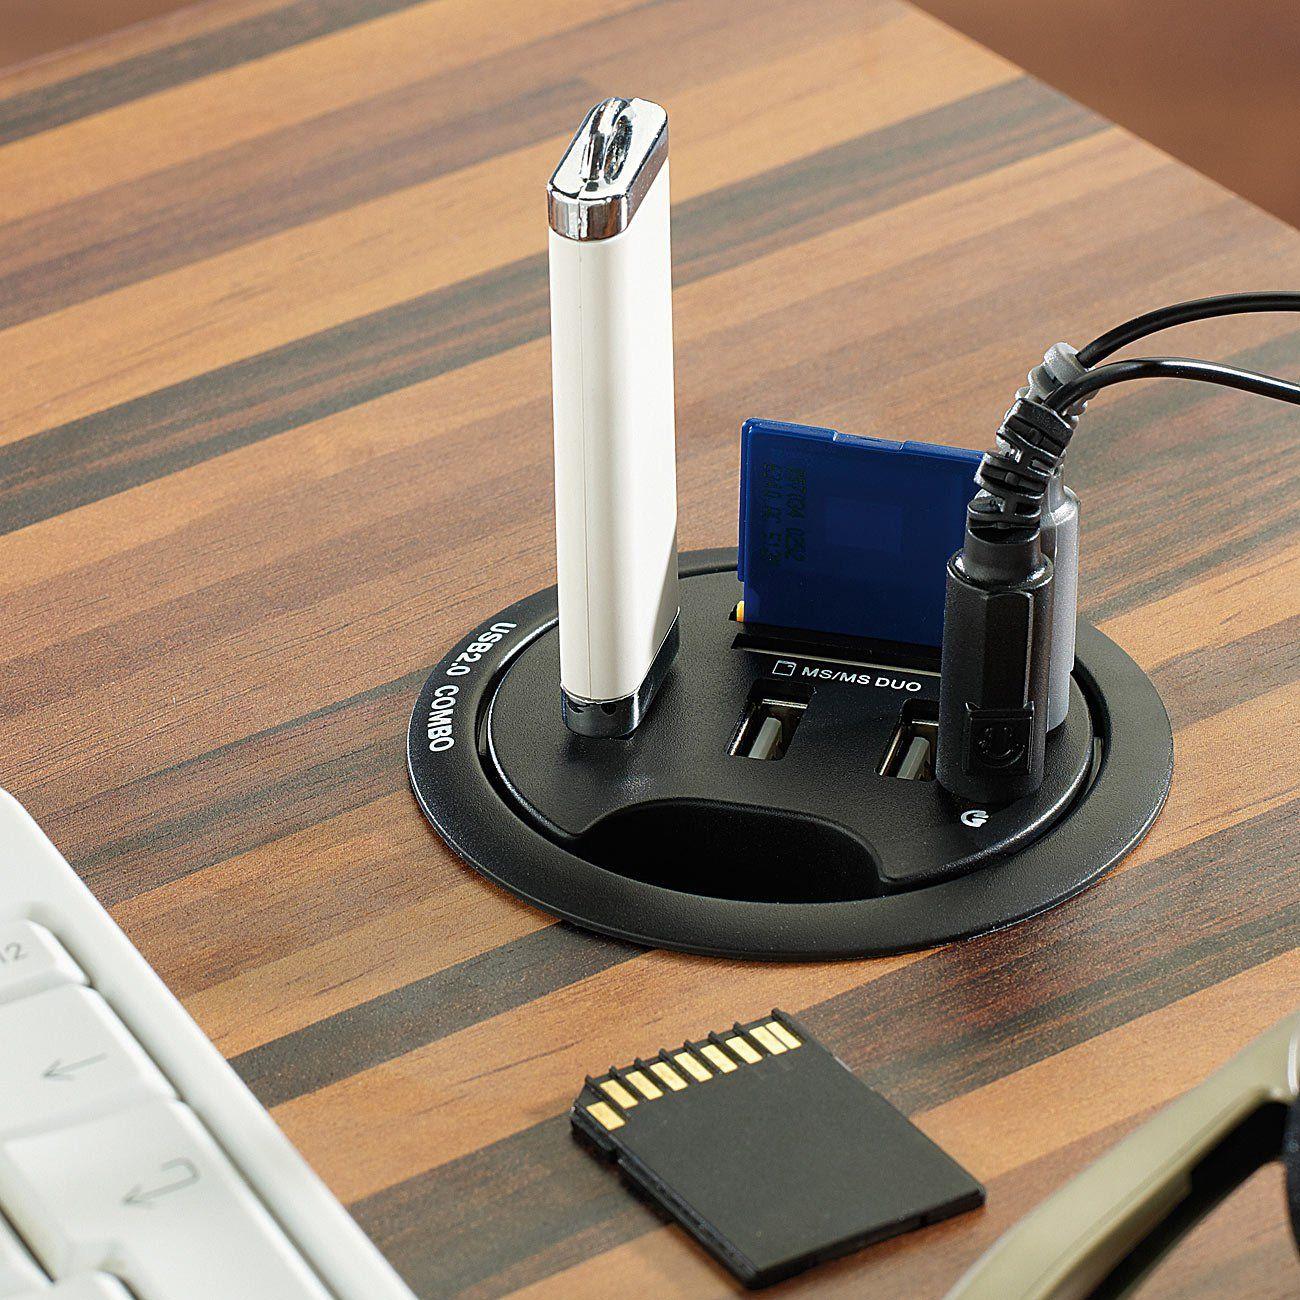 Xystec Tisch-Kabeldose 60 mm, USB-2.0-Hub, Card-Reader: Amazon.de ...